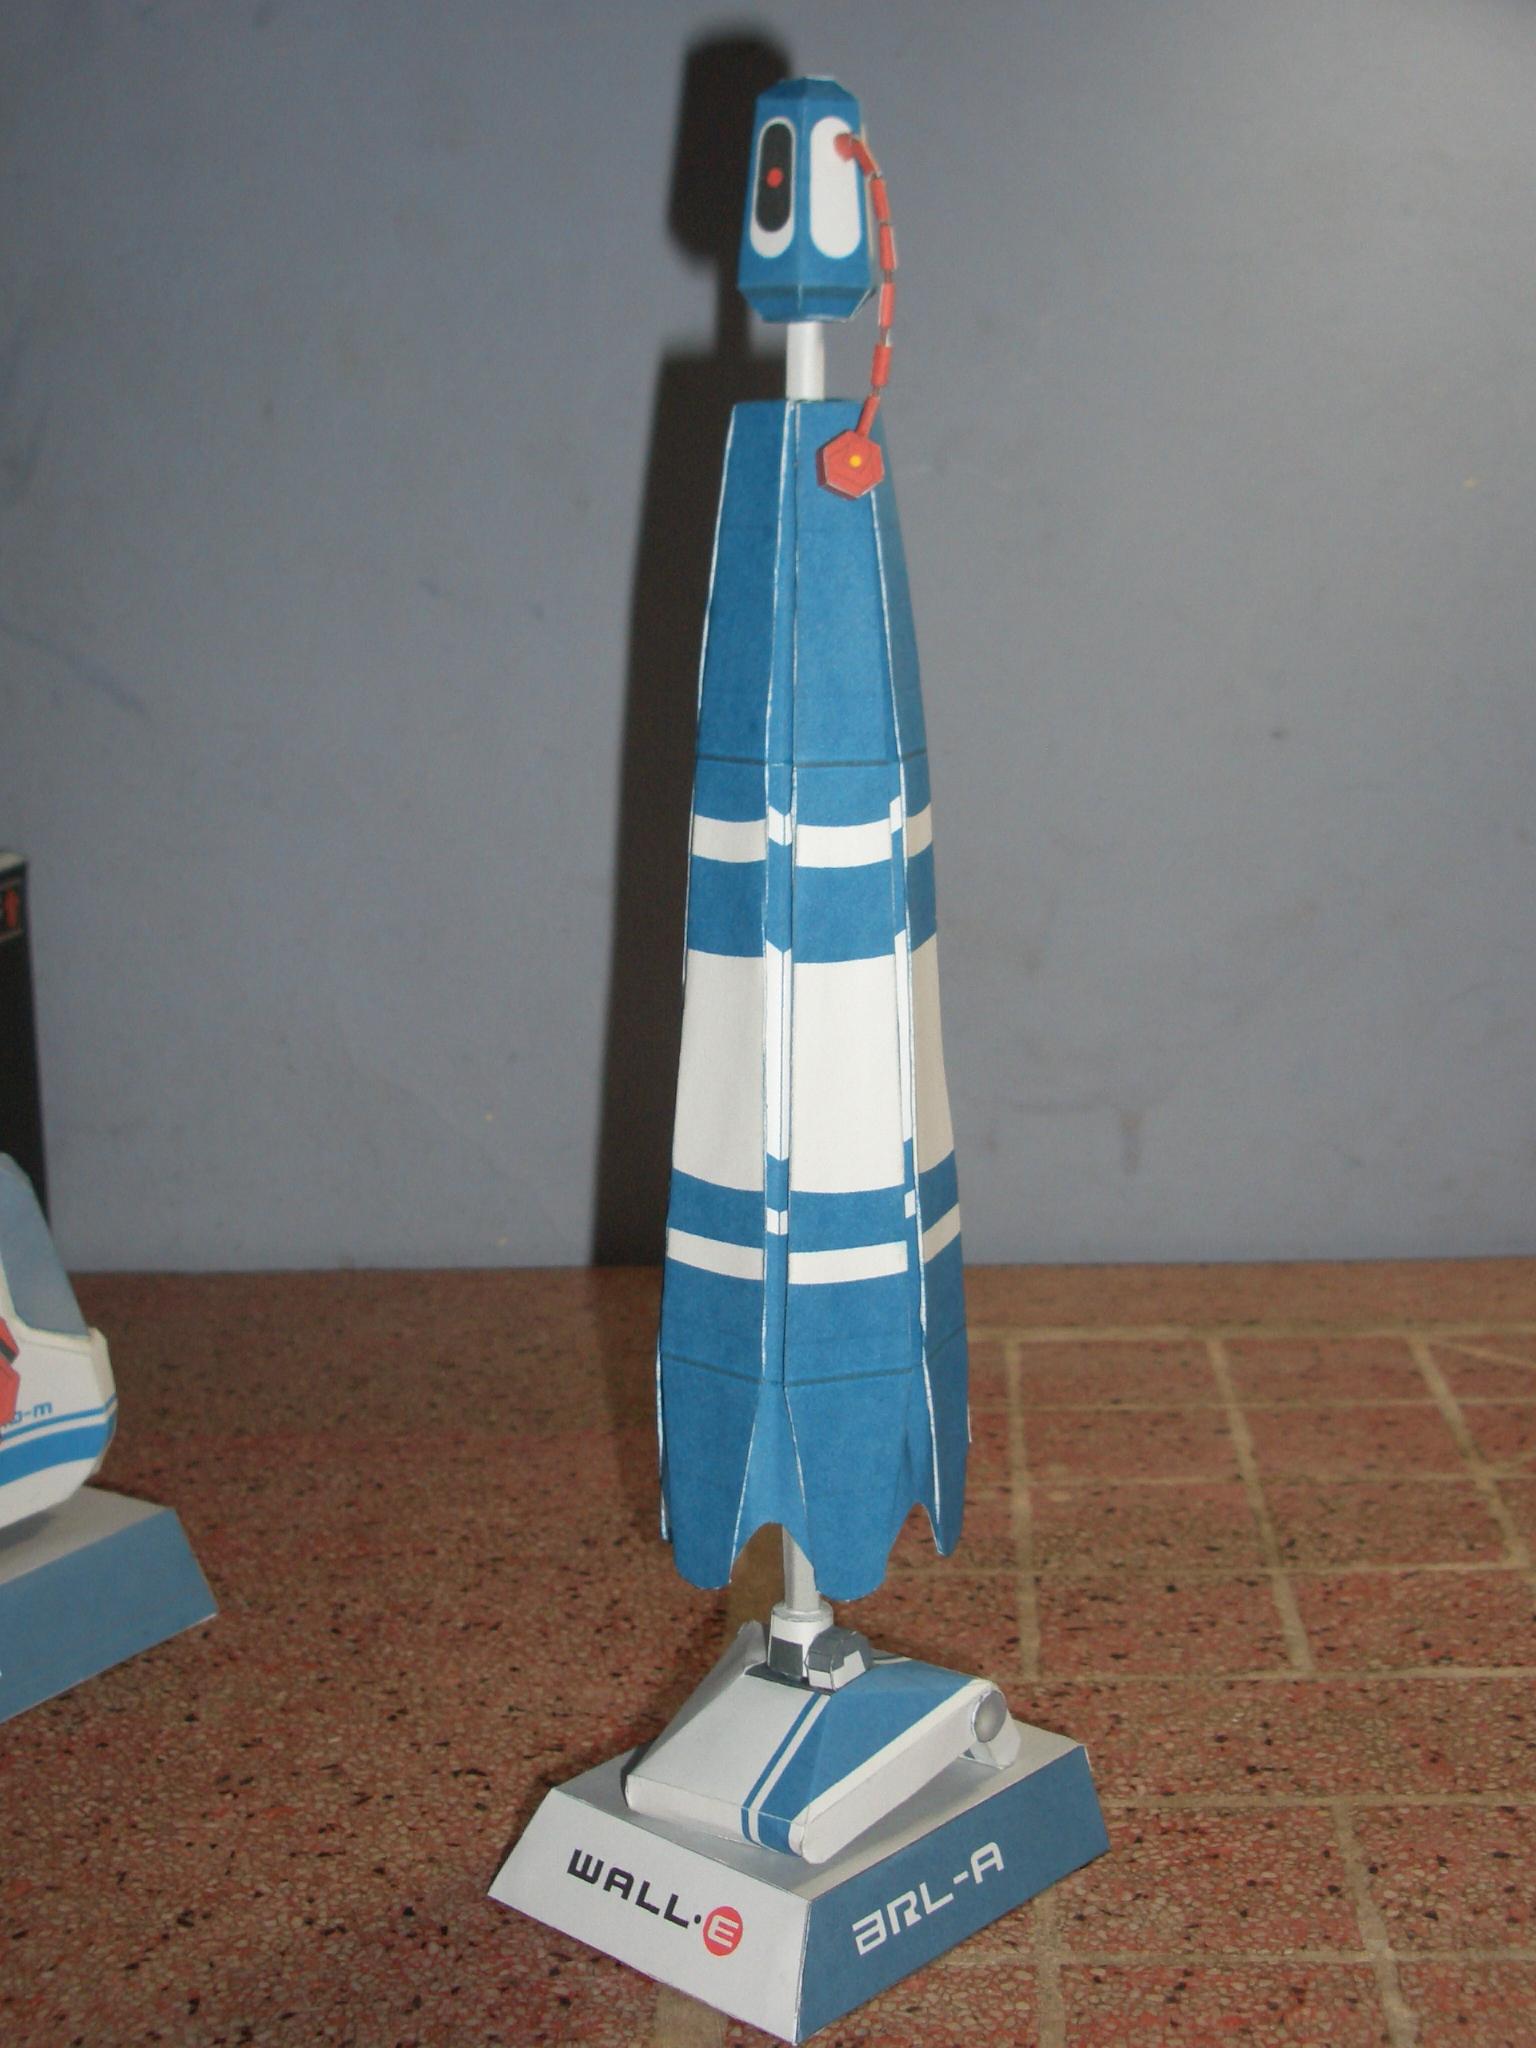 BRL-A papercraft by Bou-Ro on DeviantArt